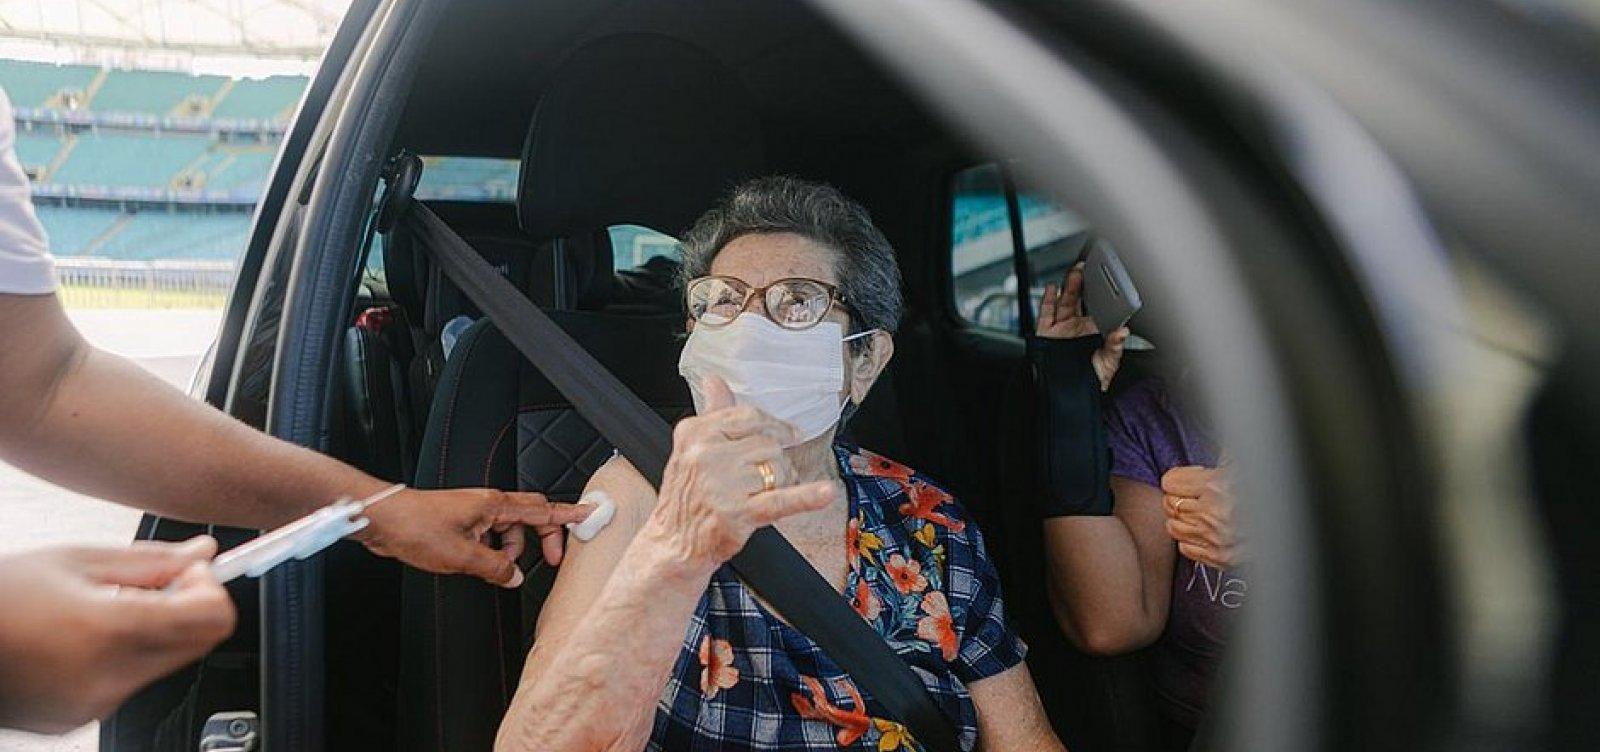 Quase 35% da população brasileira já tem imunização completa contra Covid-19